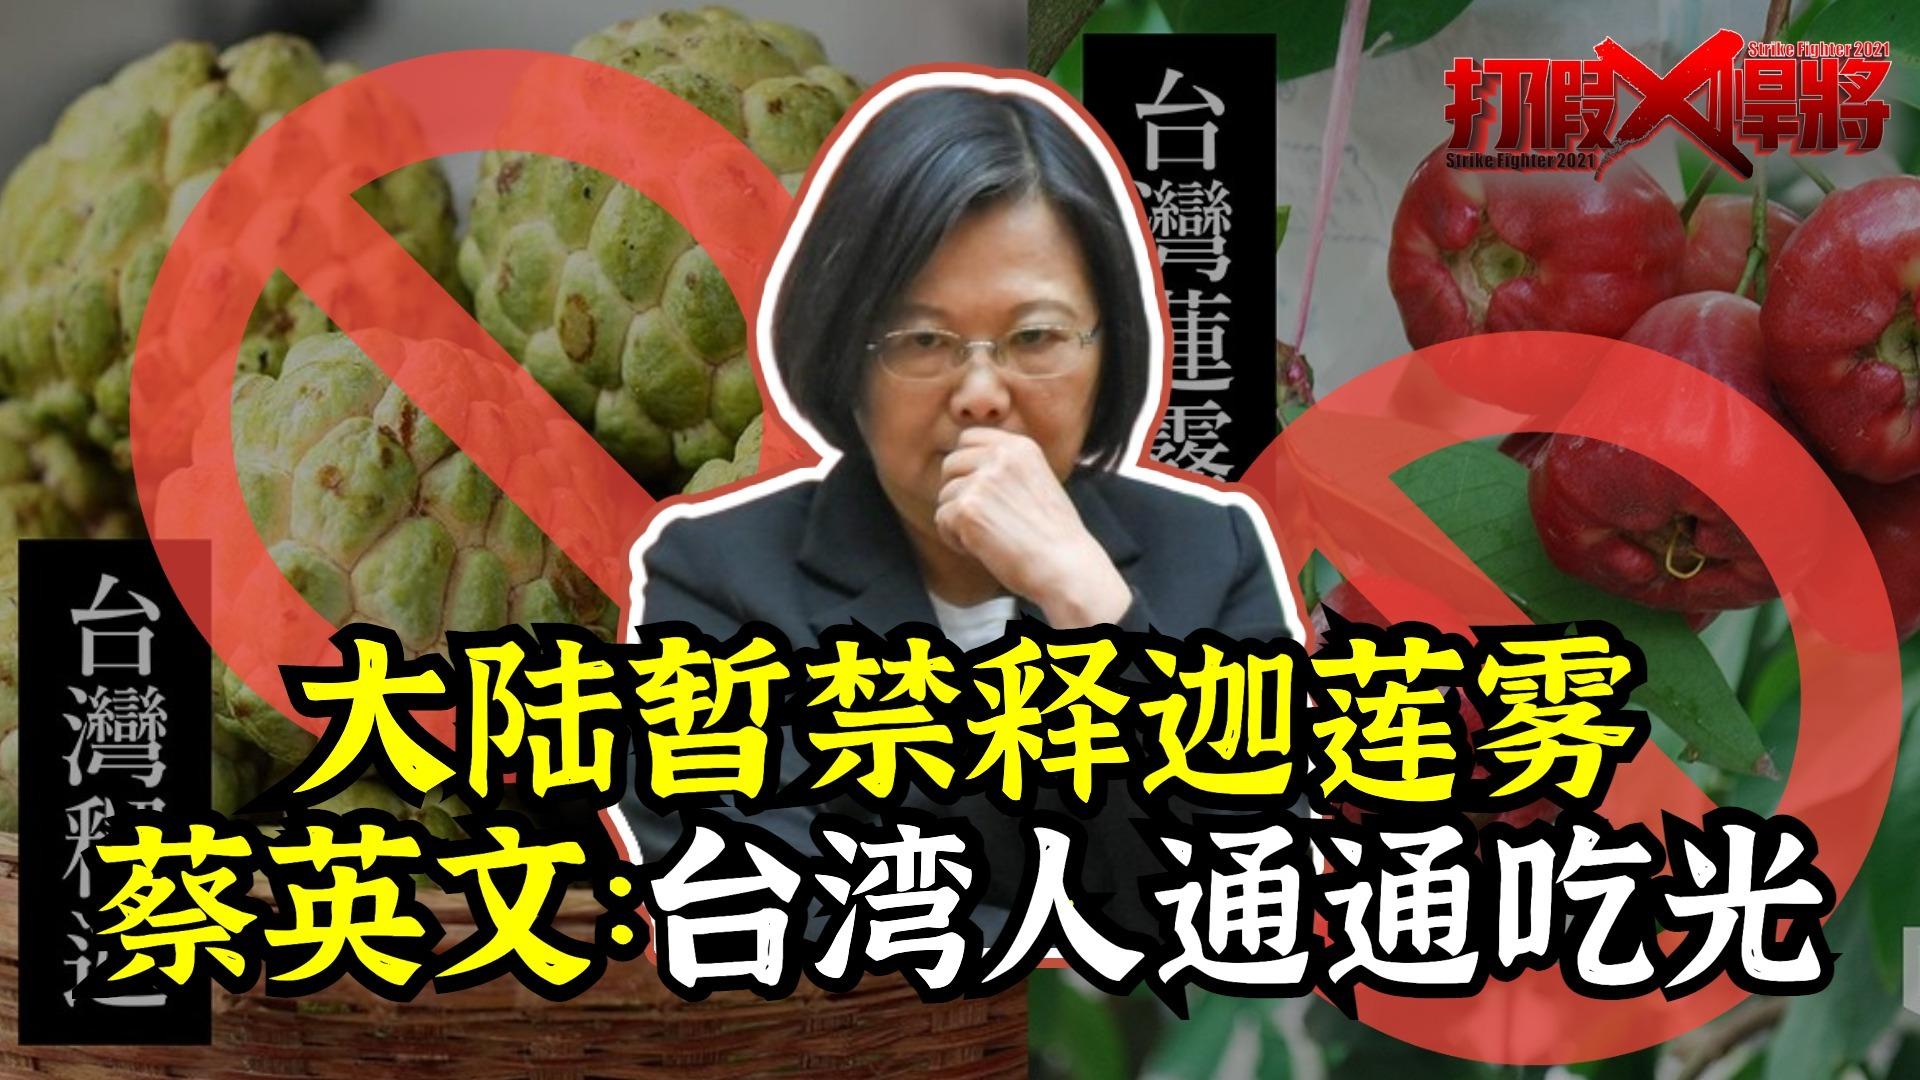 让台湾民众吃光释迦莲雾?民进党除了抹黑大陆还会啥?丨知之有时